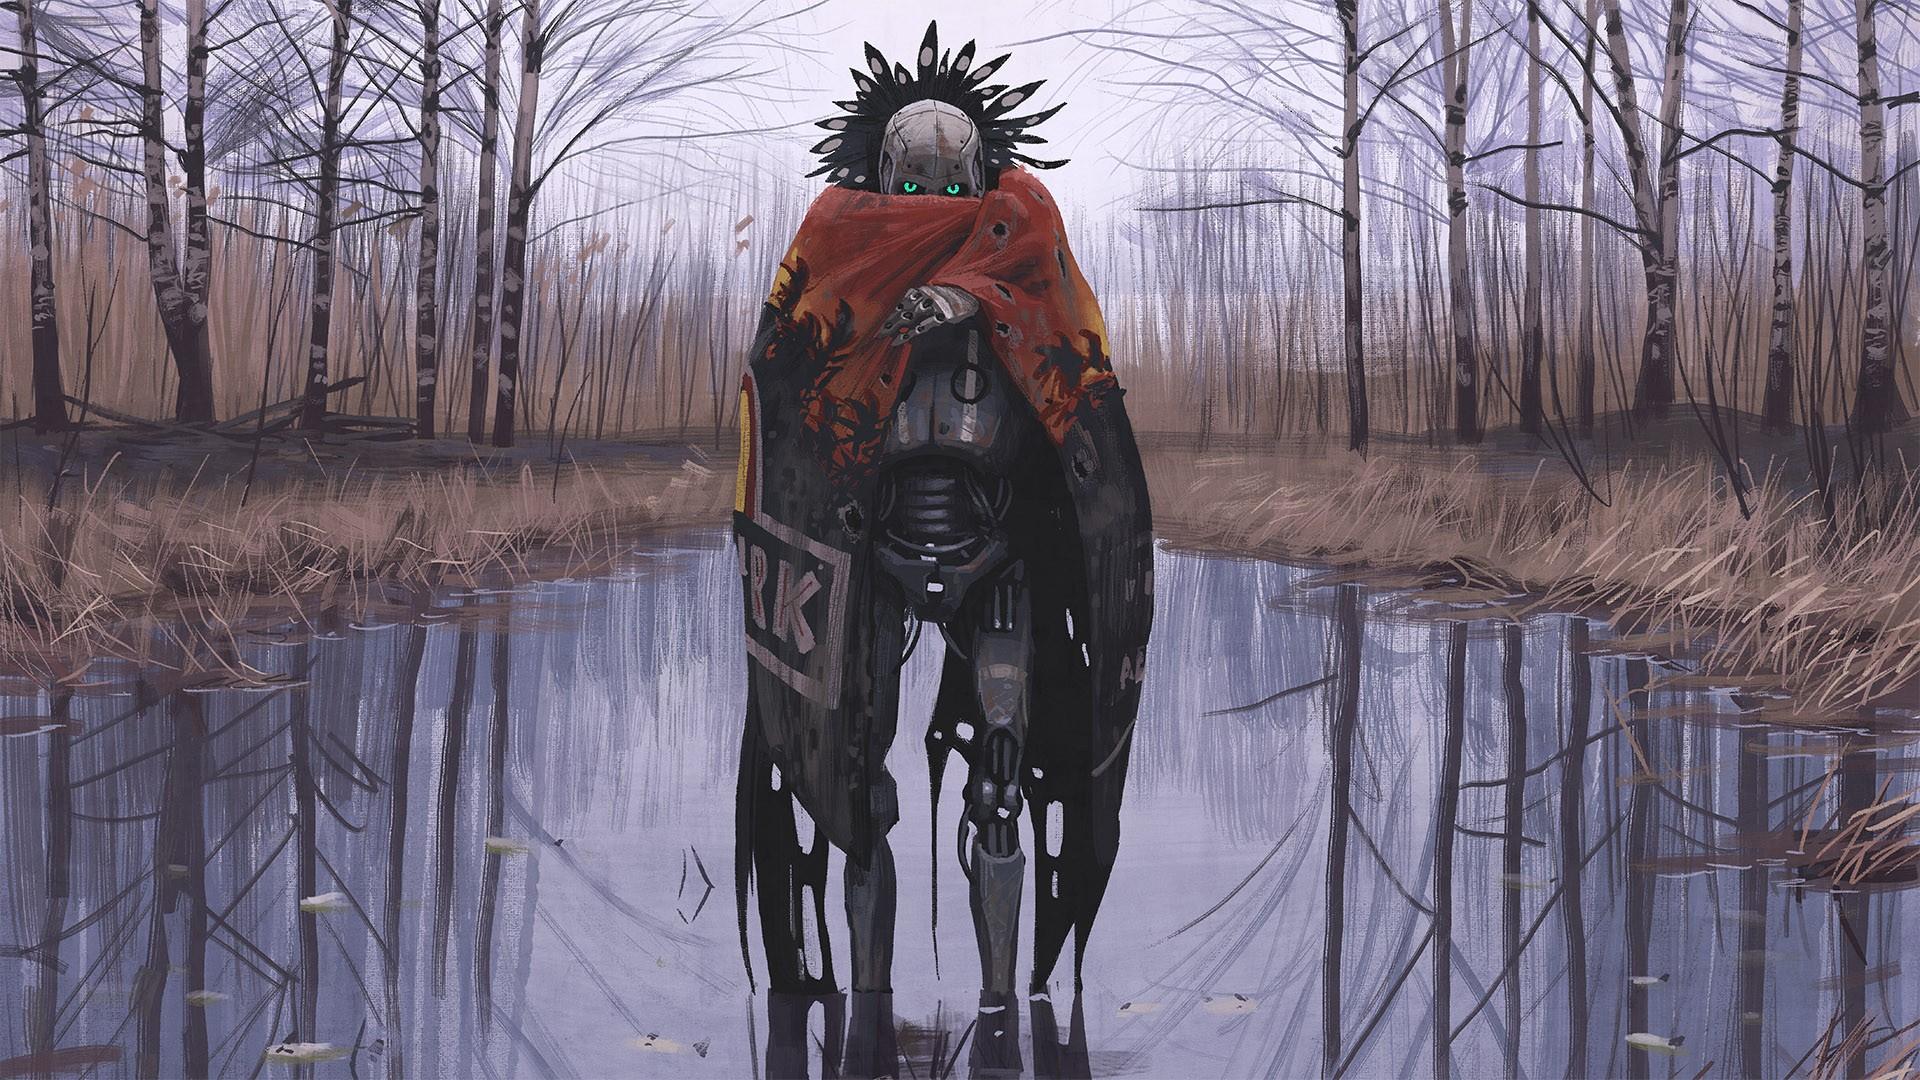 デスクトップ壁紙 デジタルアート ロボット 冬 アートワーク